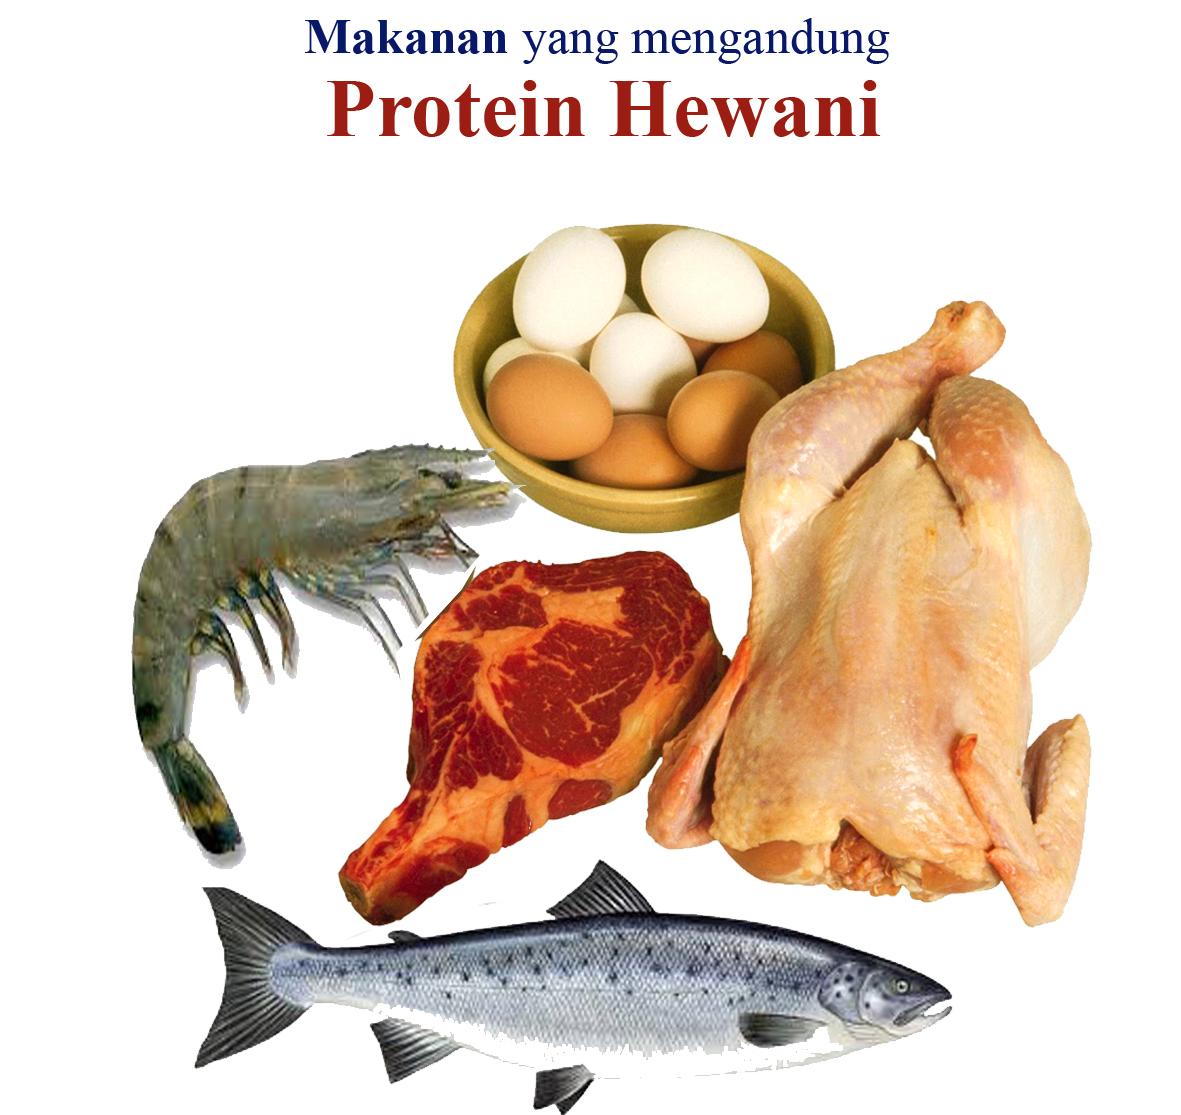 Hello Makan Lebih Banyak Protein Hewani Tidak Selalu Baik News